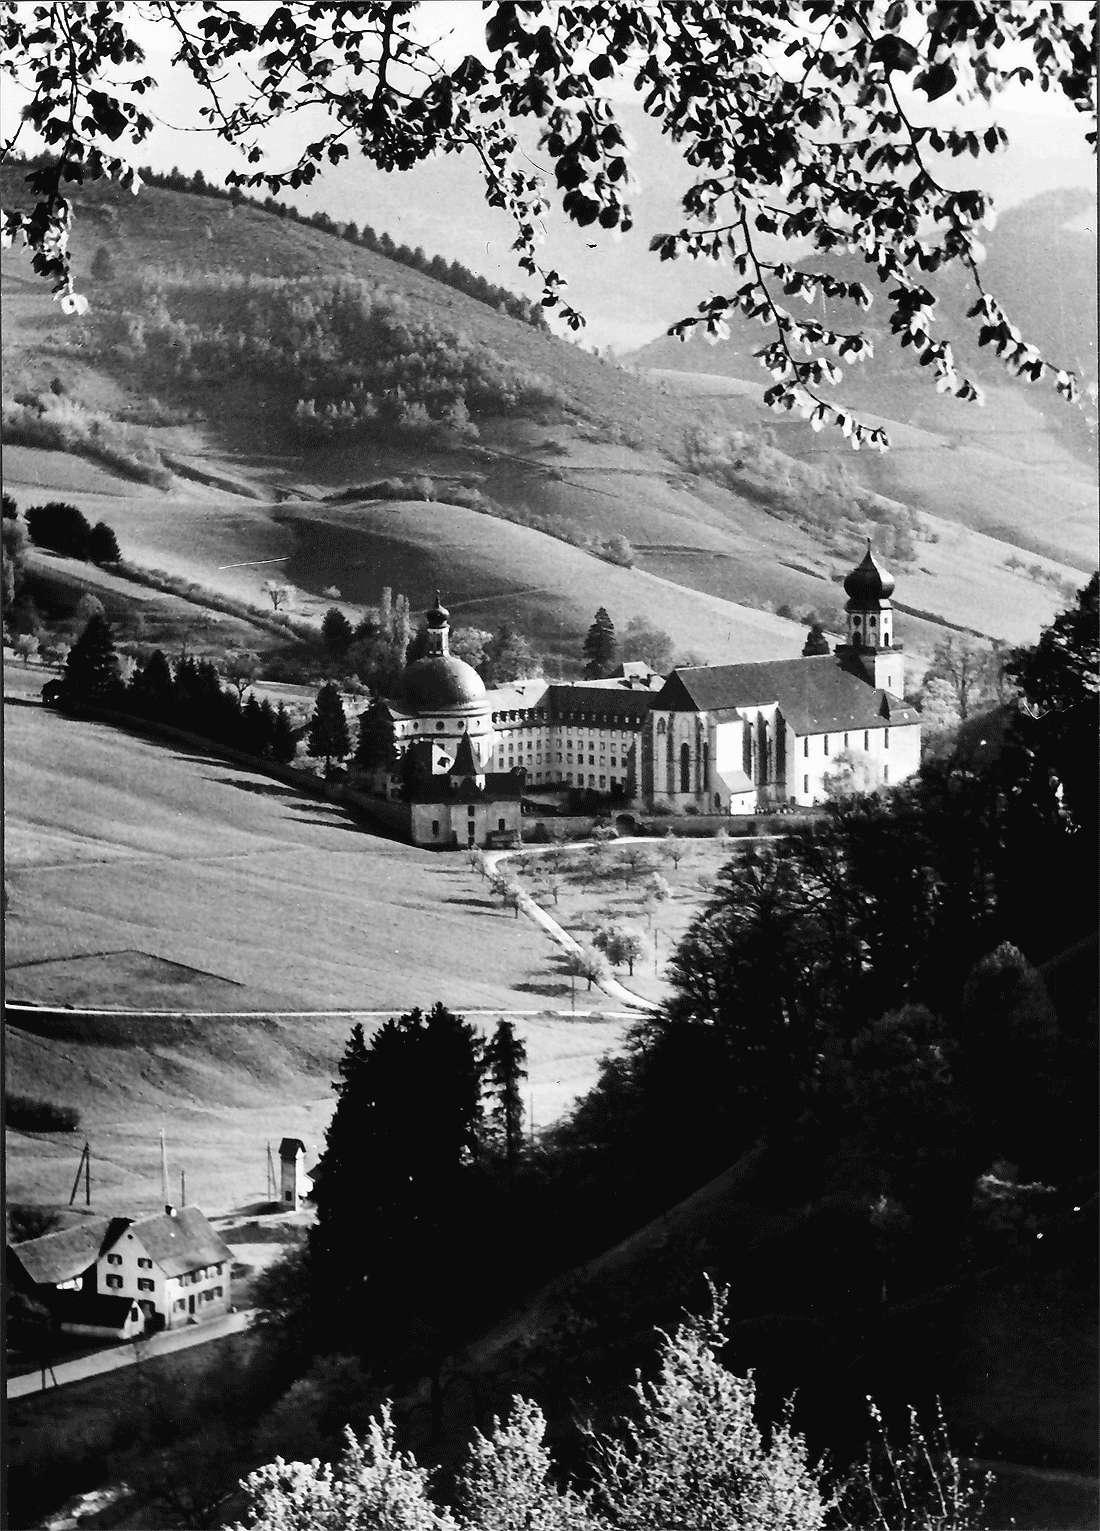 Münstertal: St. Trudpert; Blick von oben ins Obermünstertal mit St. Trudpert, Bild 2